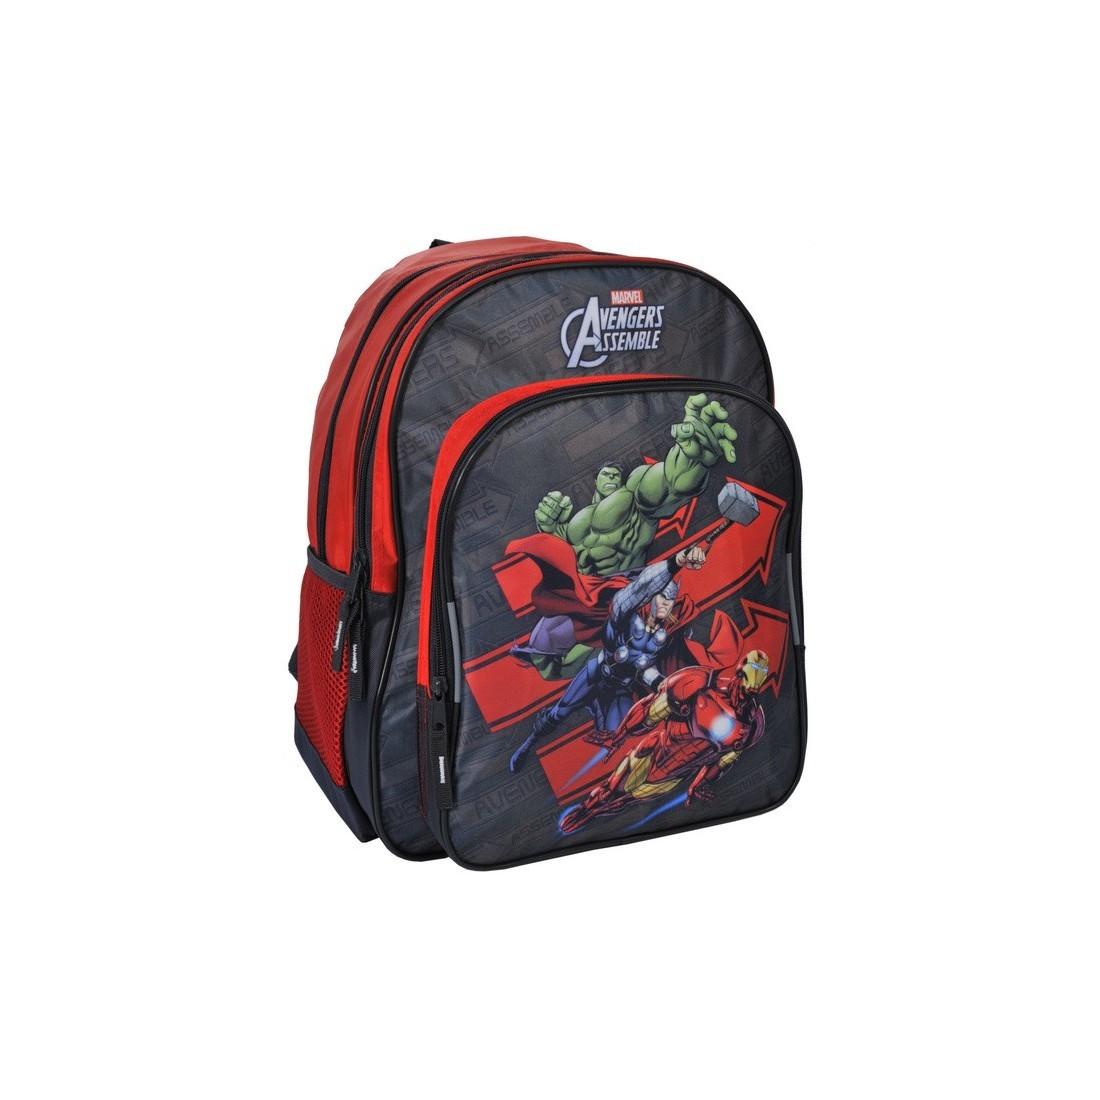 Plecak szkolny Avengers szaro czerwony - plecak-tornister.pl